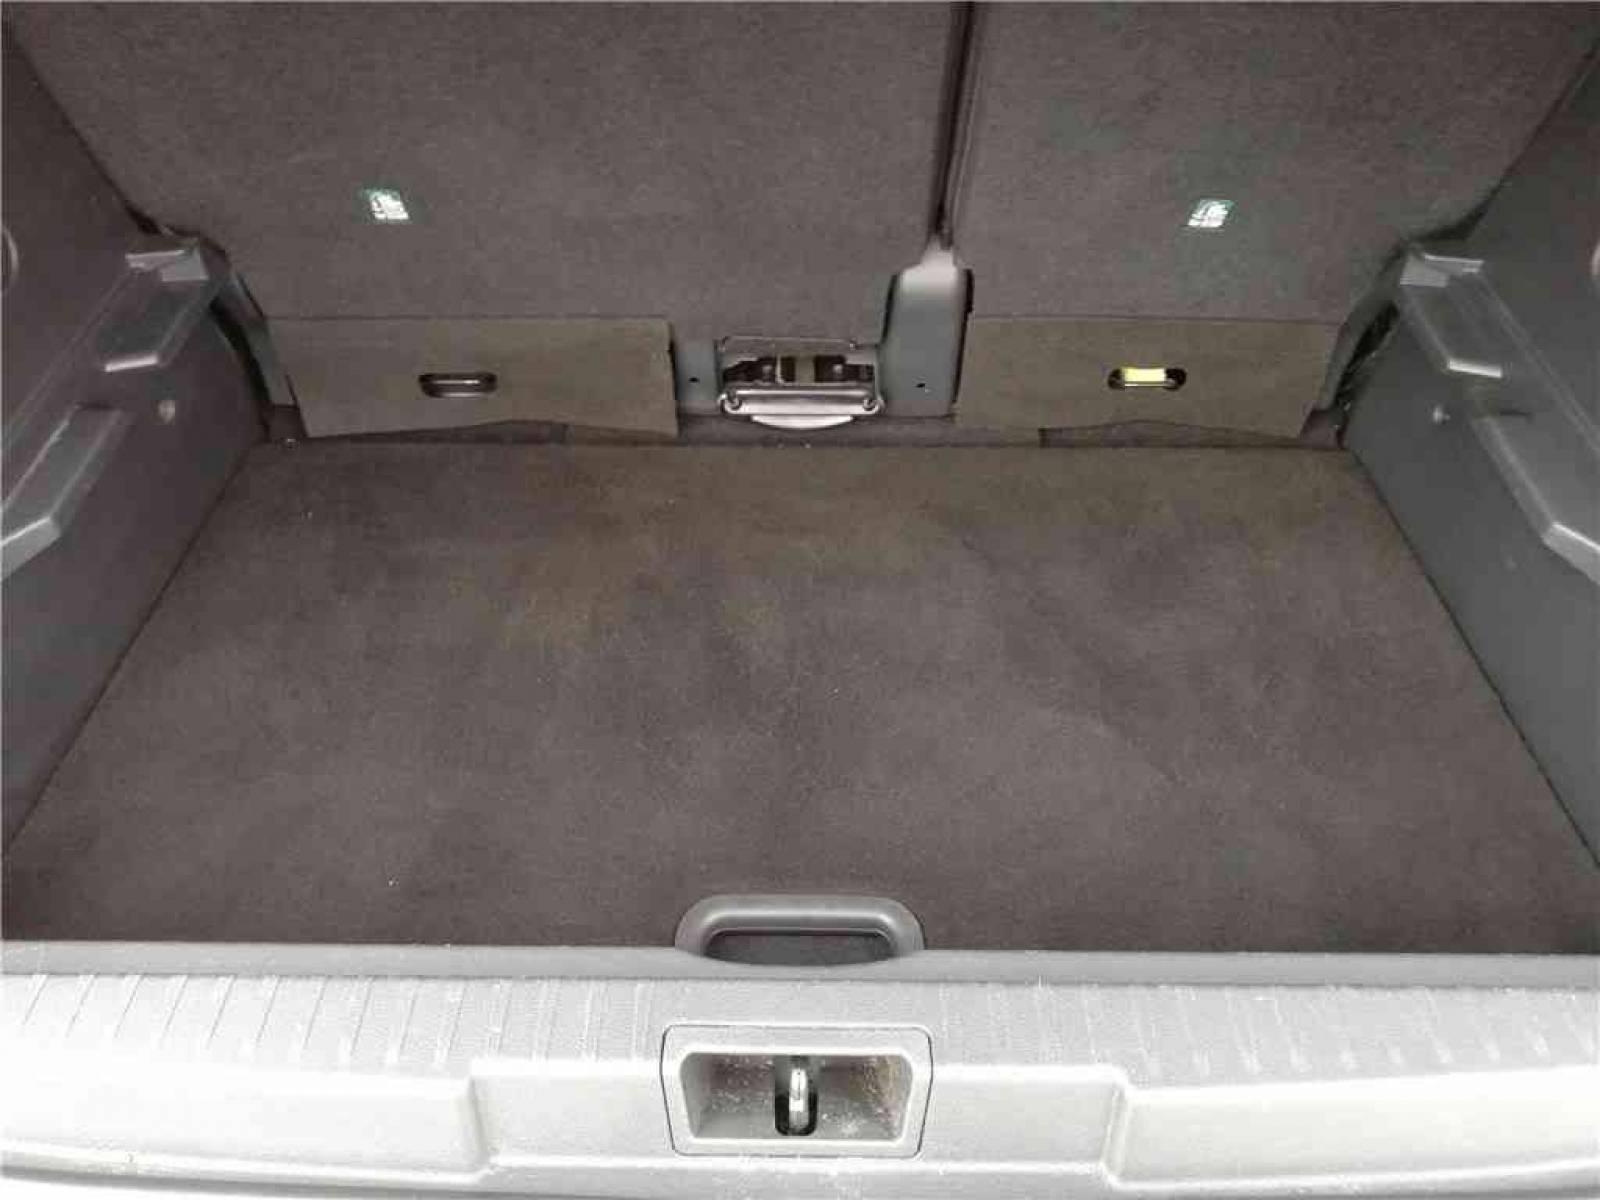 RENAULT Captur TCe 90 - véhicule d'occasion - Groupe Guillet - Opel Magicauto - Chalon-sur-Saône - 71380 - Saint-Marcel - 4